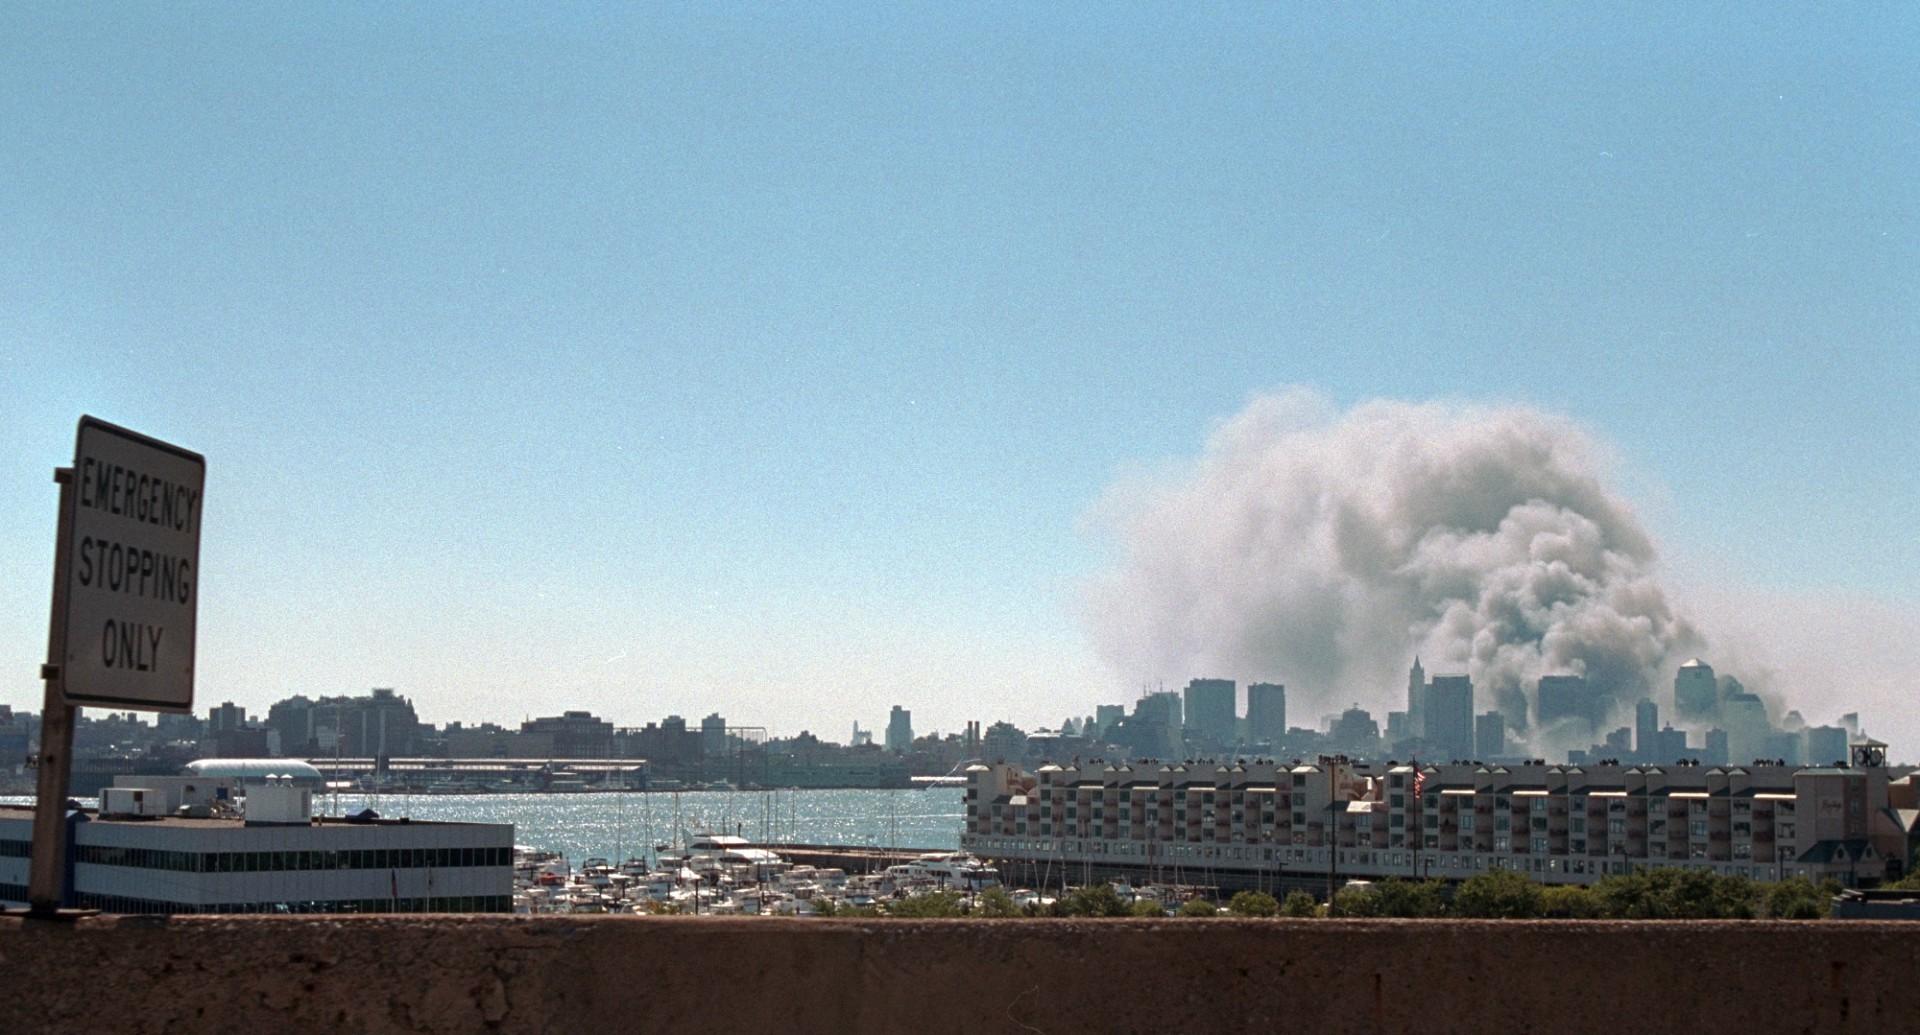 A fumaça sobe do local do World Trade Center na terça-feira, 11 de setembro de 2001(Foto: Escritório de fotografia da Casa Branca)